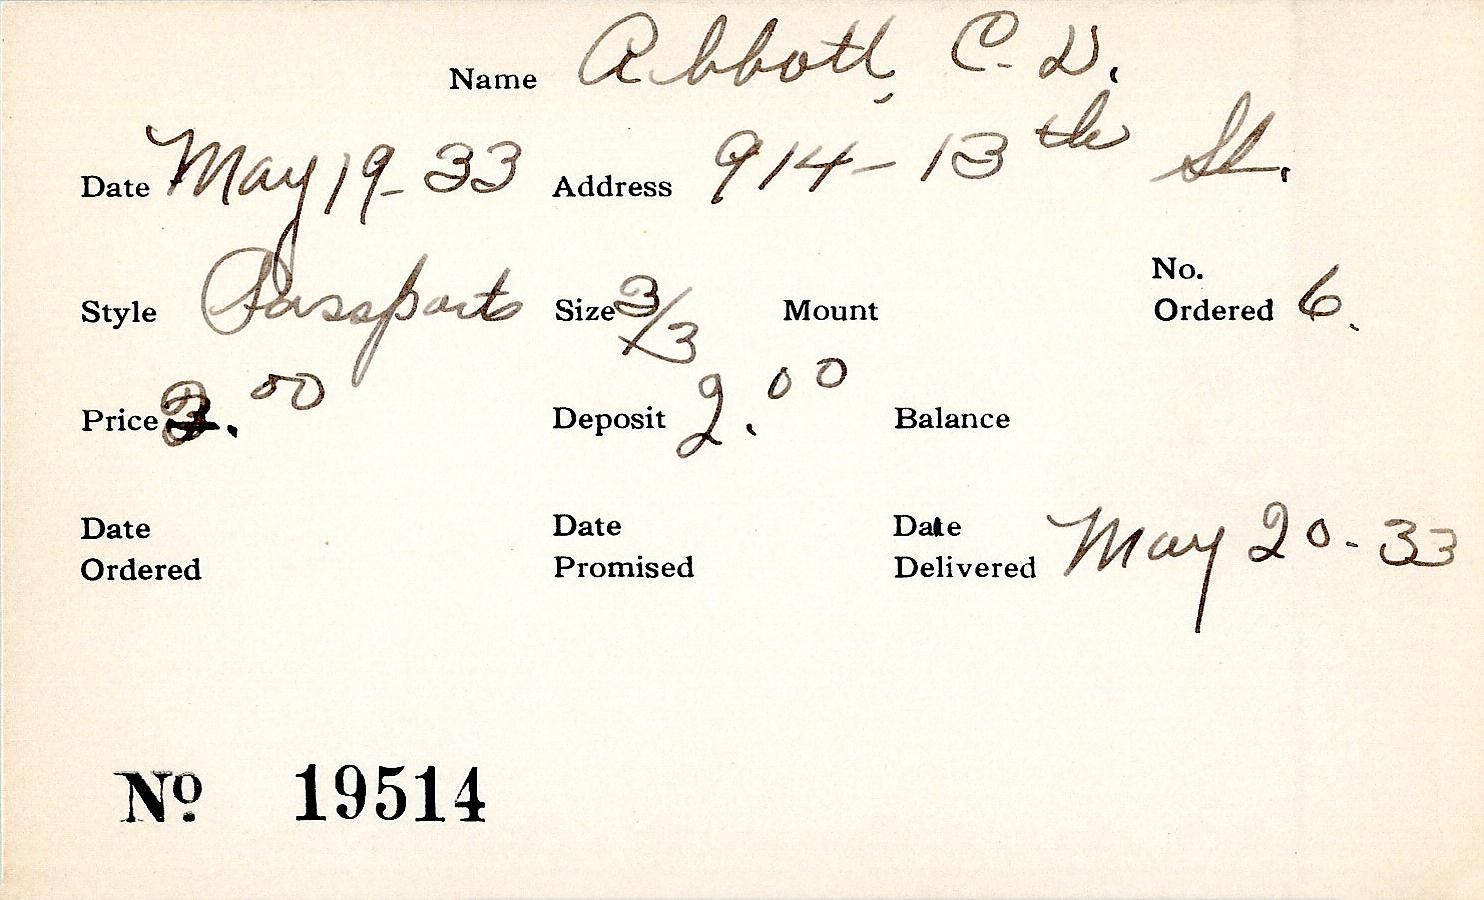 Index card for C. D. Abbott